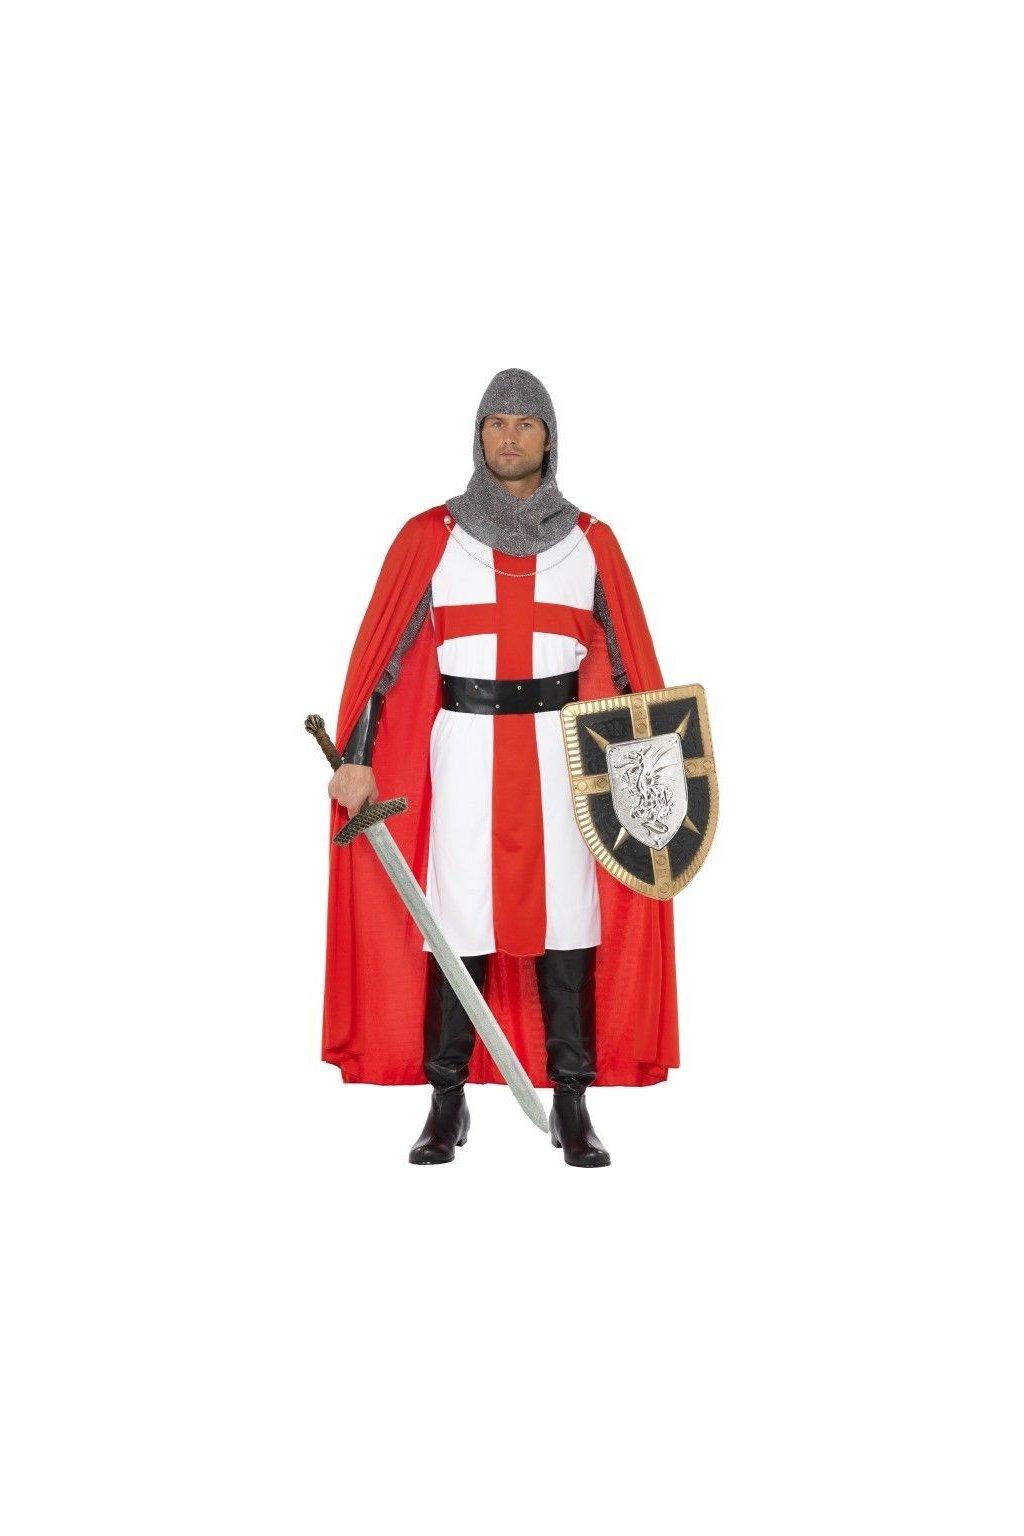 Kostým středověkého rytíře - St George